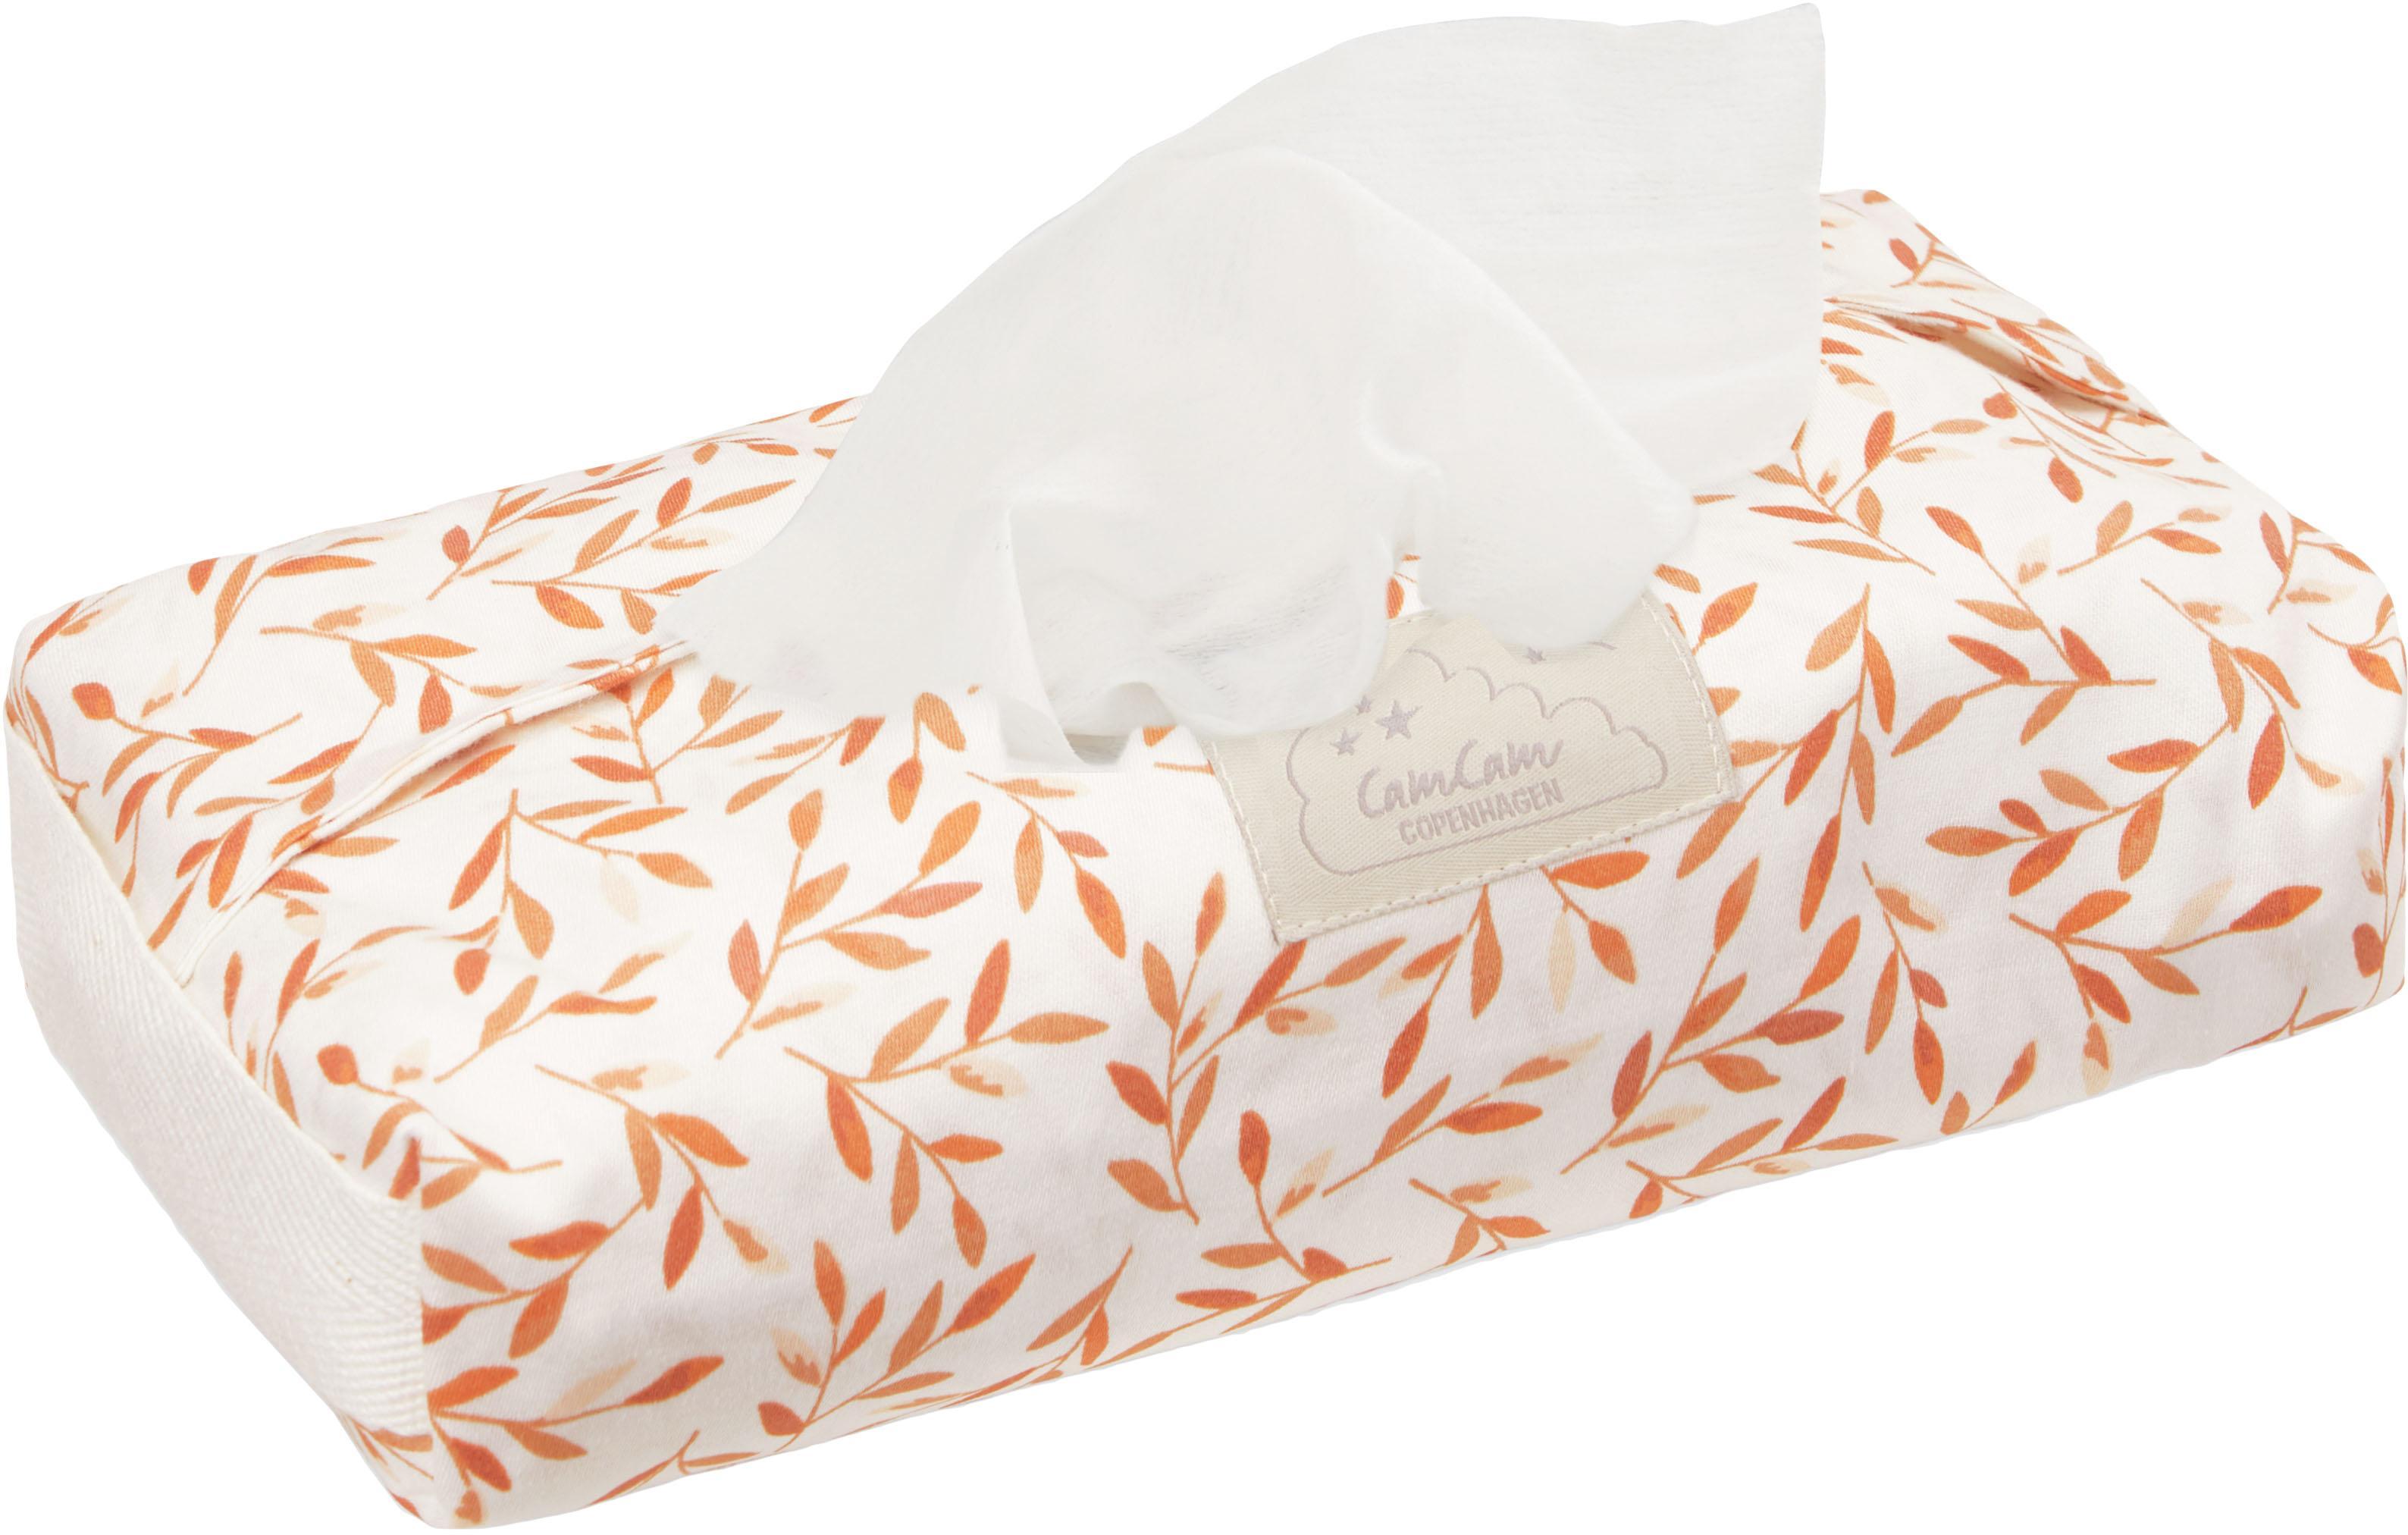 Estuche toallitas de algodón ecológico Leaves, Funda: 100%algodón ecológico, c, Asa: 100%lino, Crema, naranja, An 25 x Al 5 cm